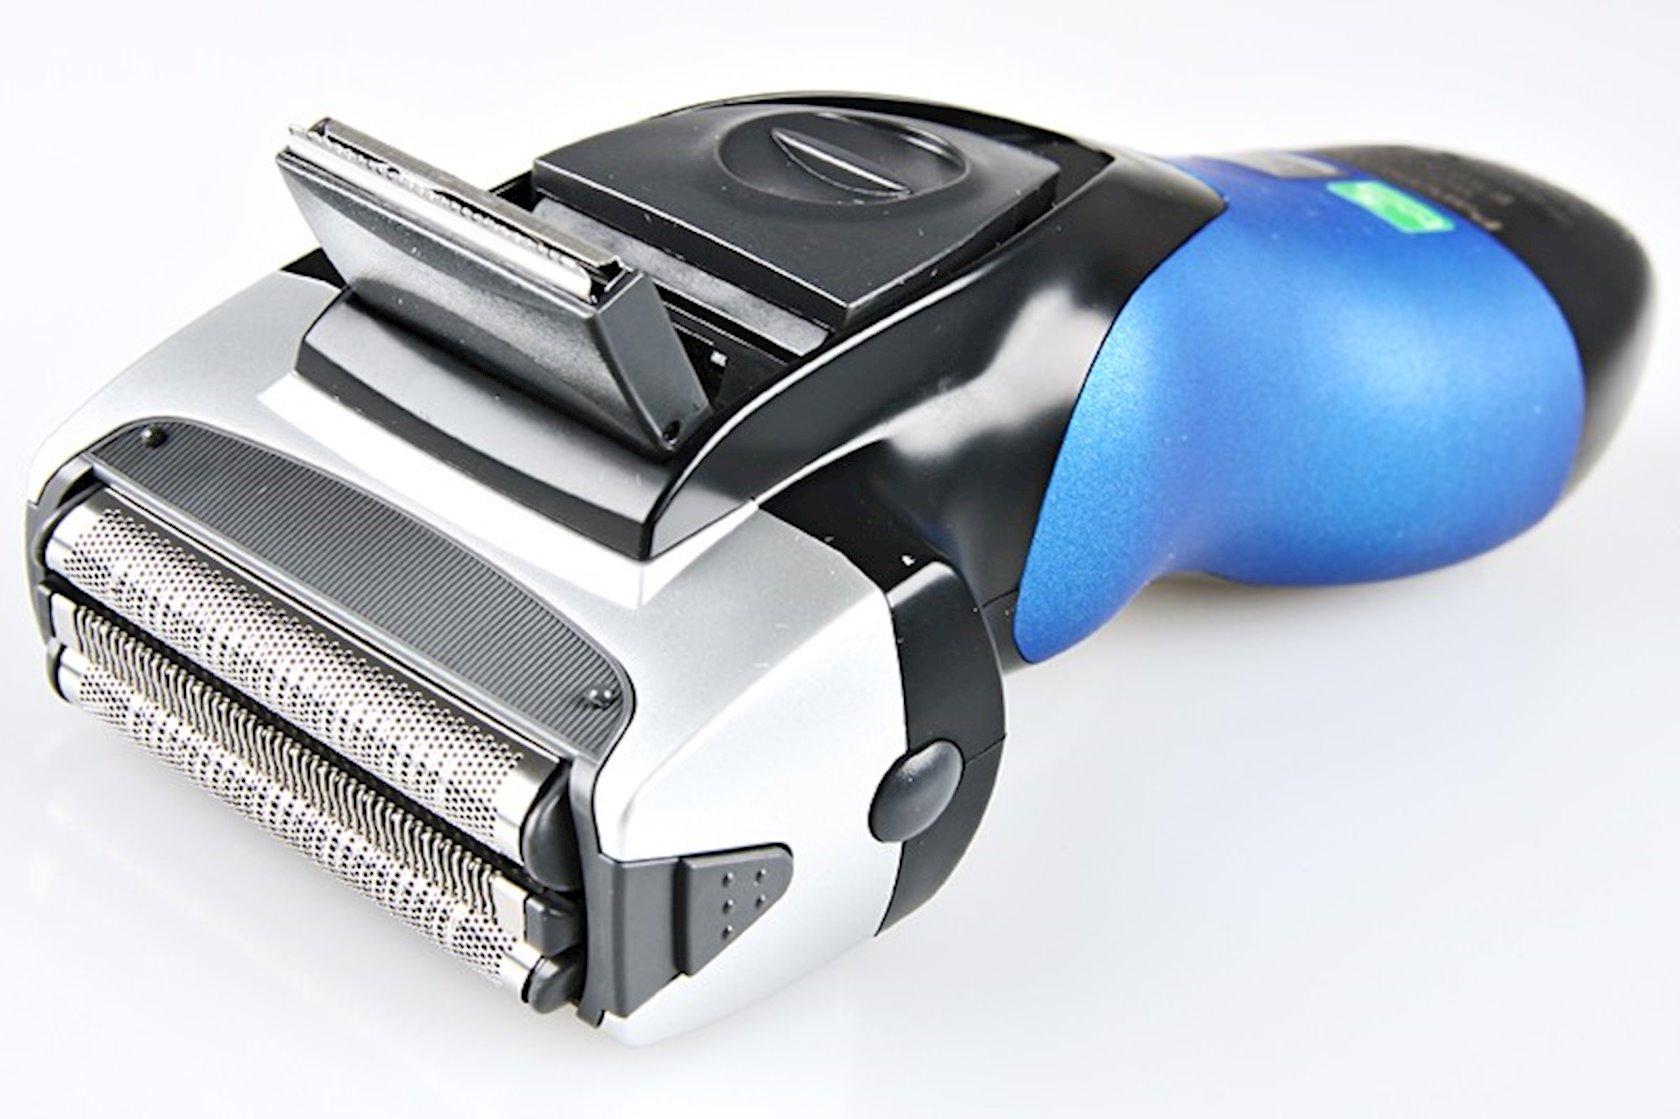 Elektrik üzqırxan (vibrasiya ilə) Panasonic ES-6002A520